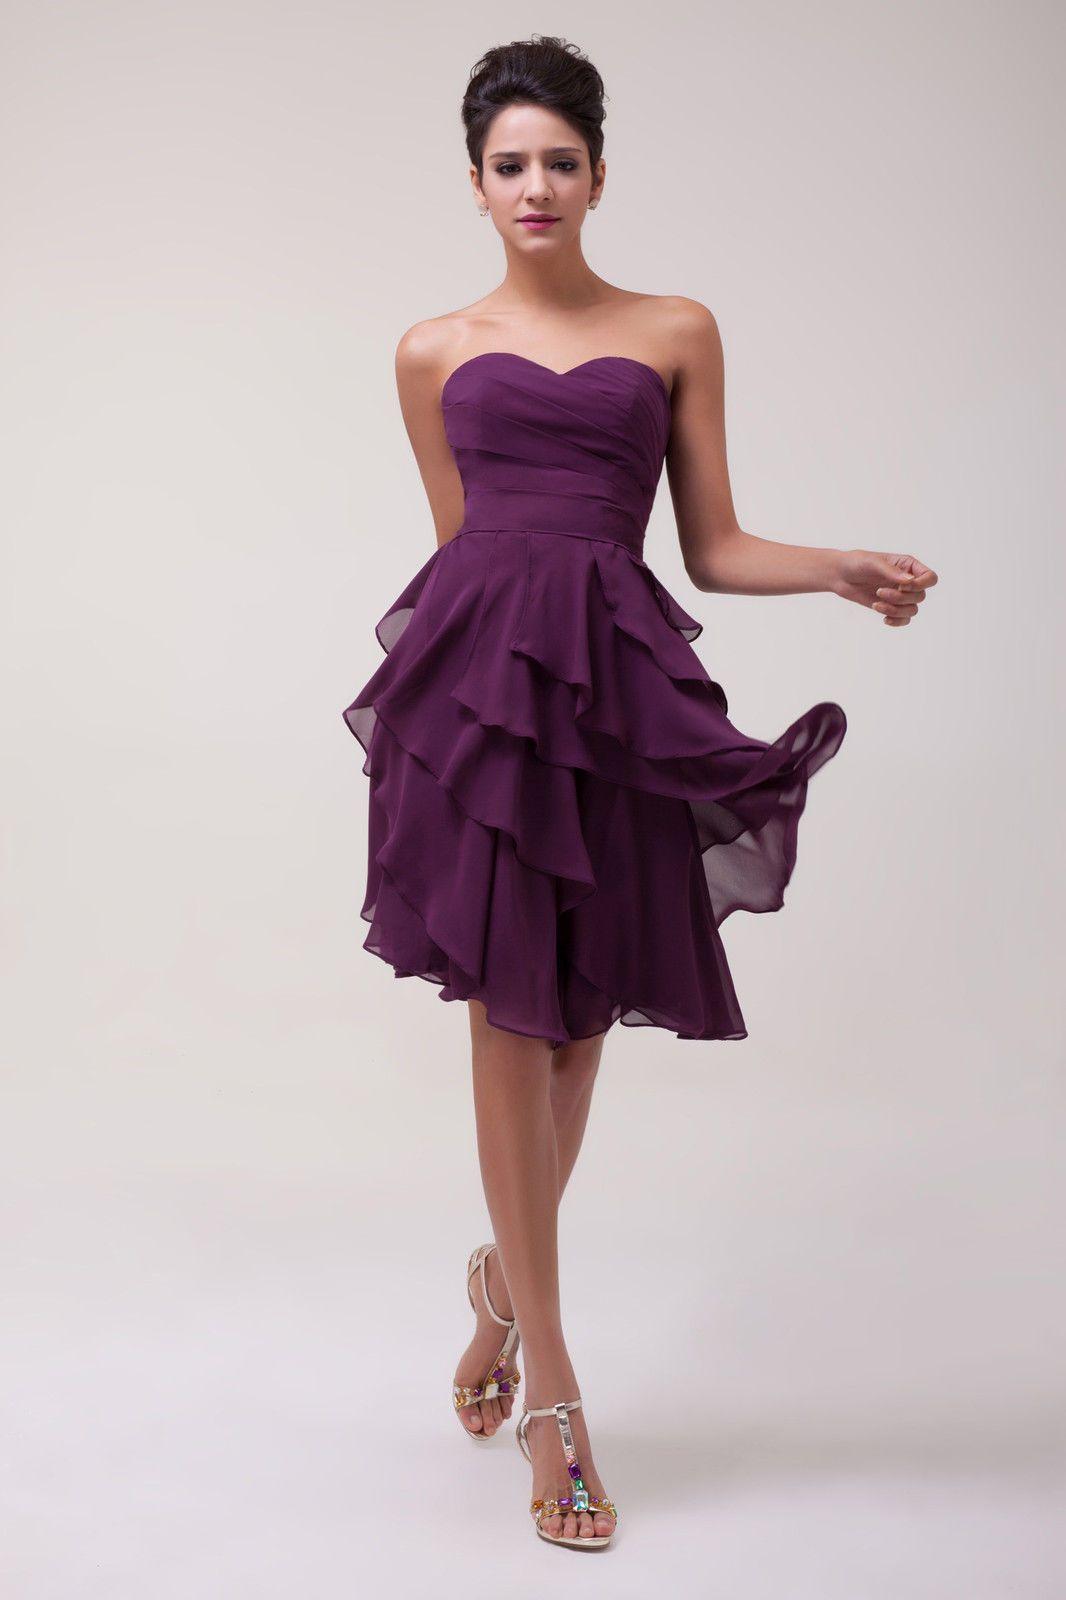 Partykleid Kurz Party Abendkleid Cocktailkleid Brautkleider